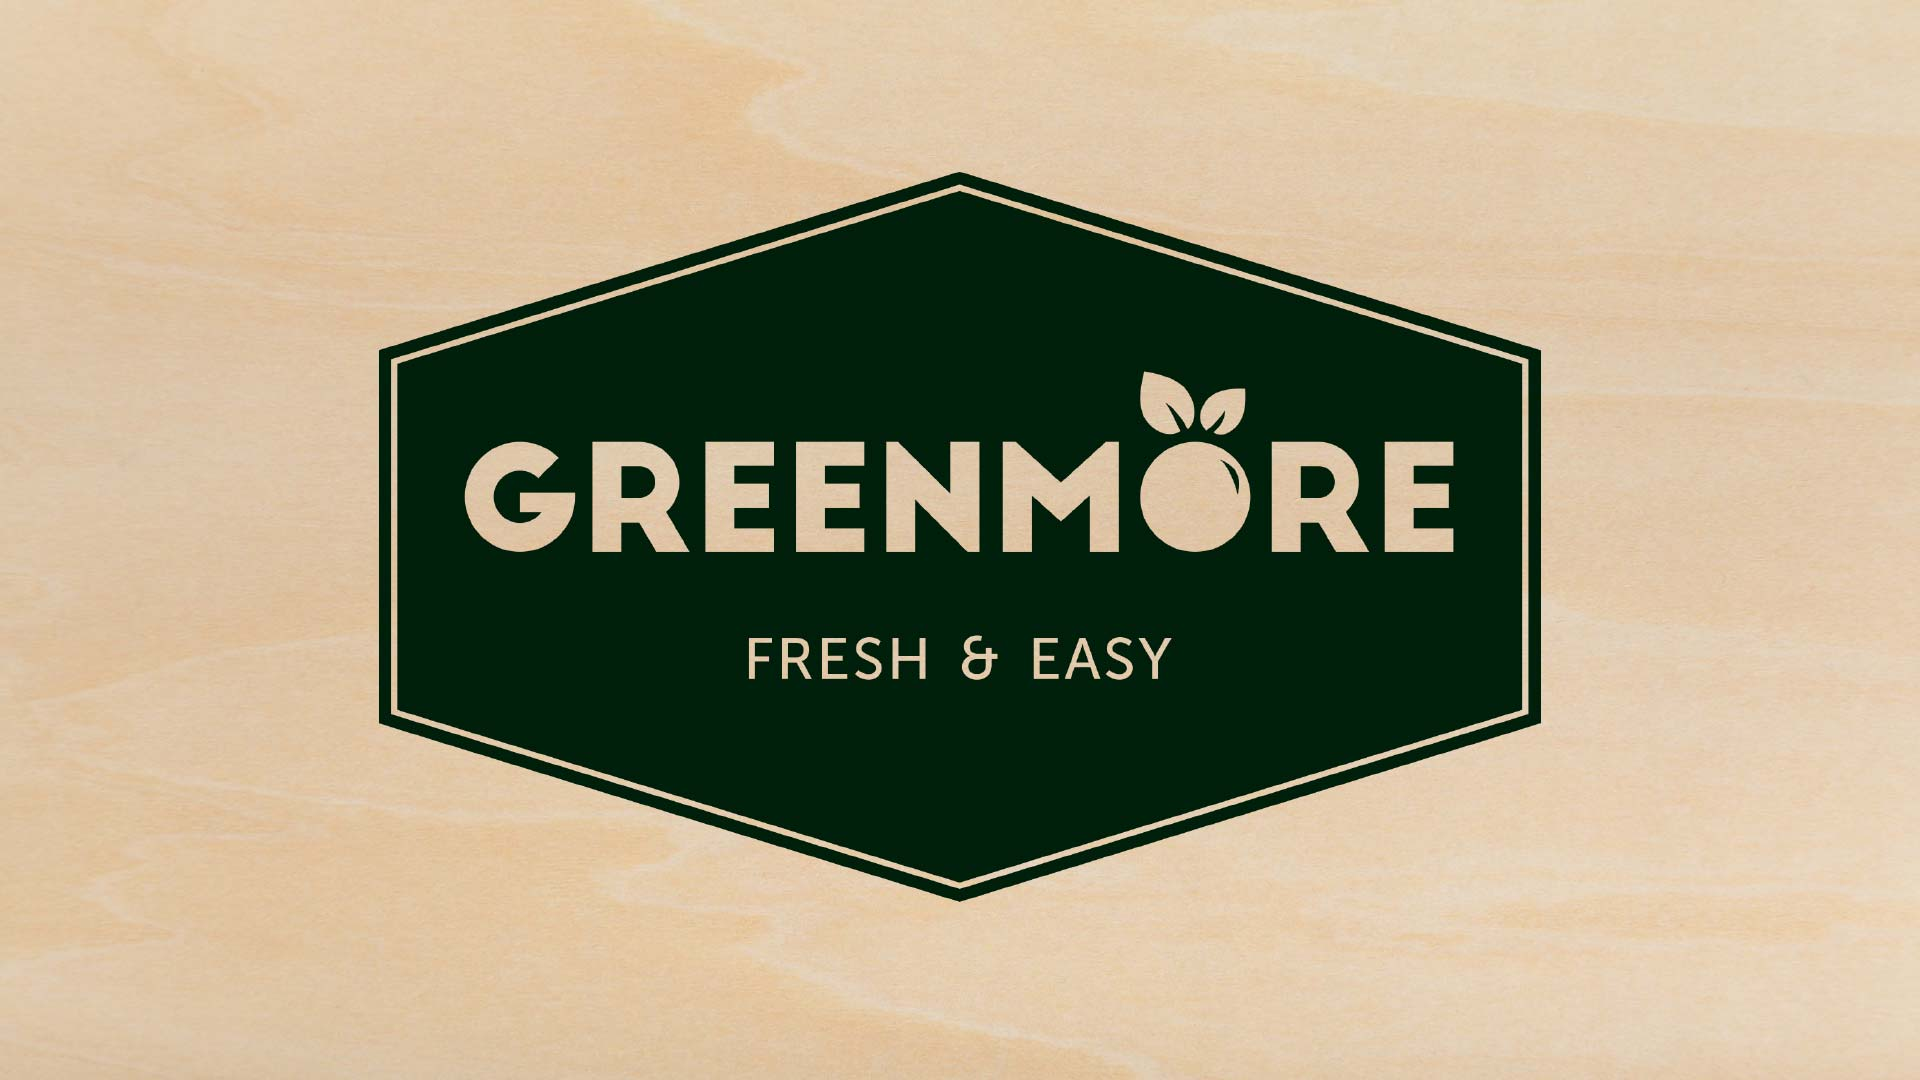 IED-Coldiretti-coltivare-la-fiducia_Logo-Greenmore